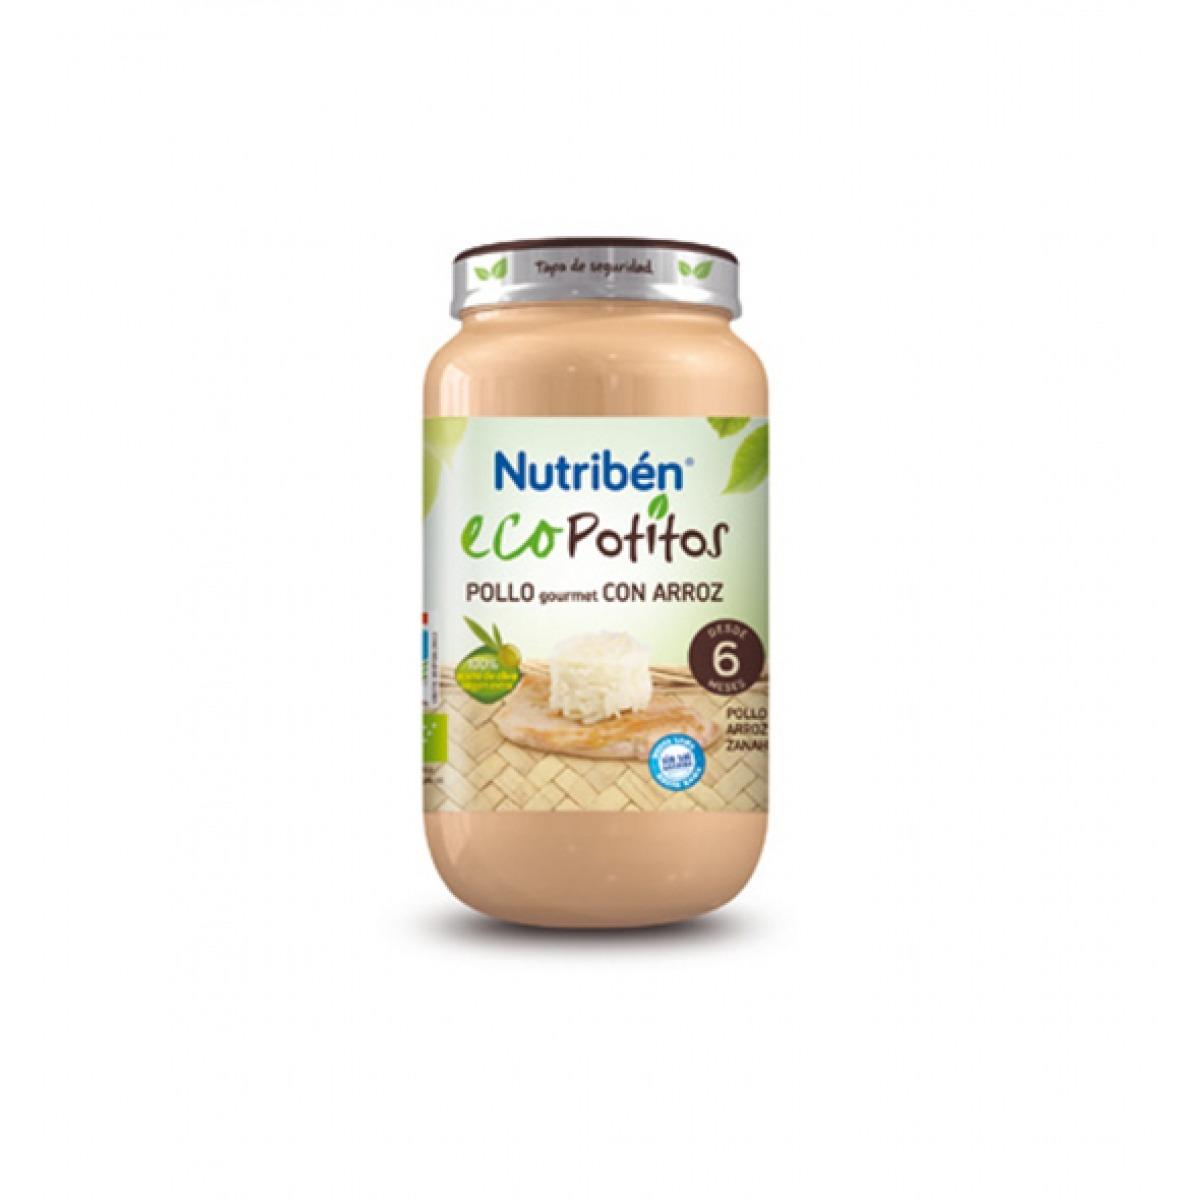 NUTRIBEN ECOPOTITOS POLLO GOURMET CON ARROZ 250 G.